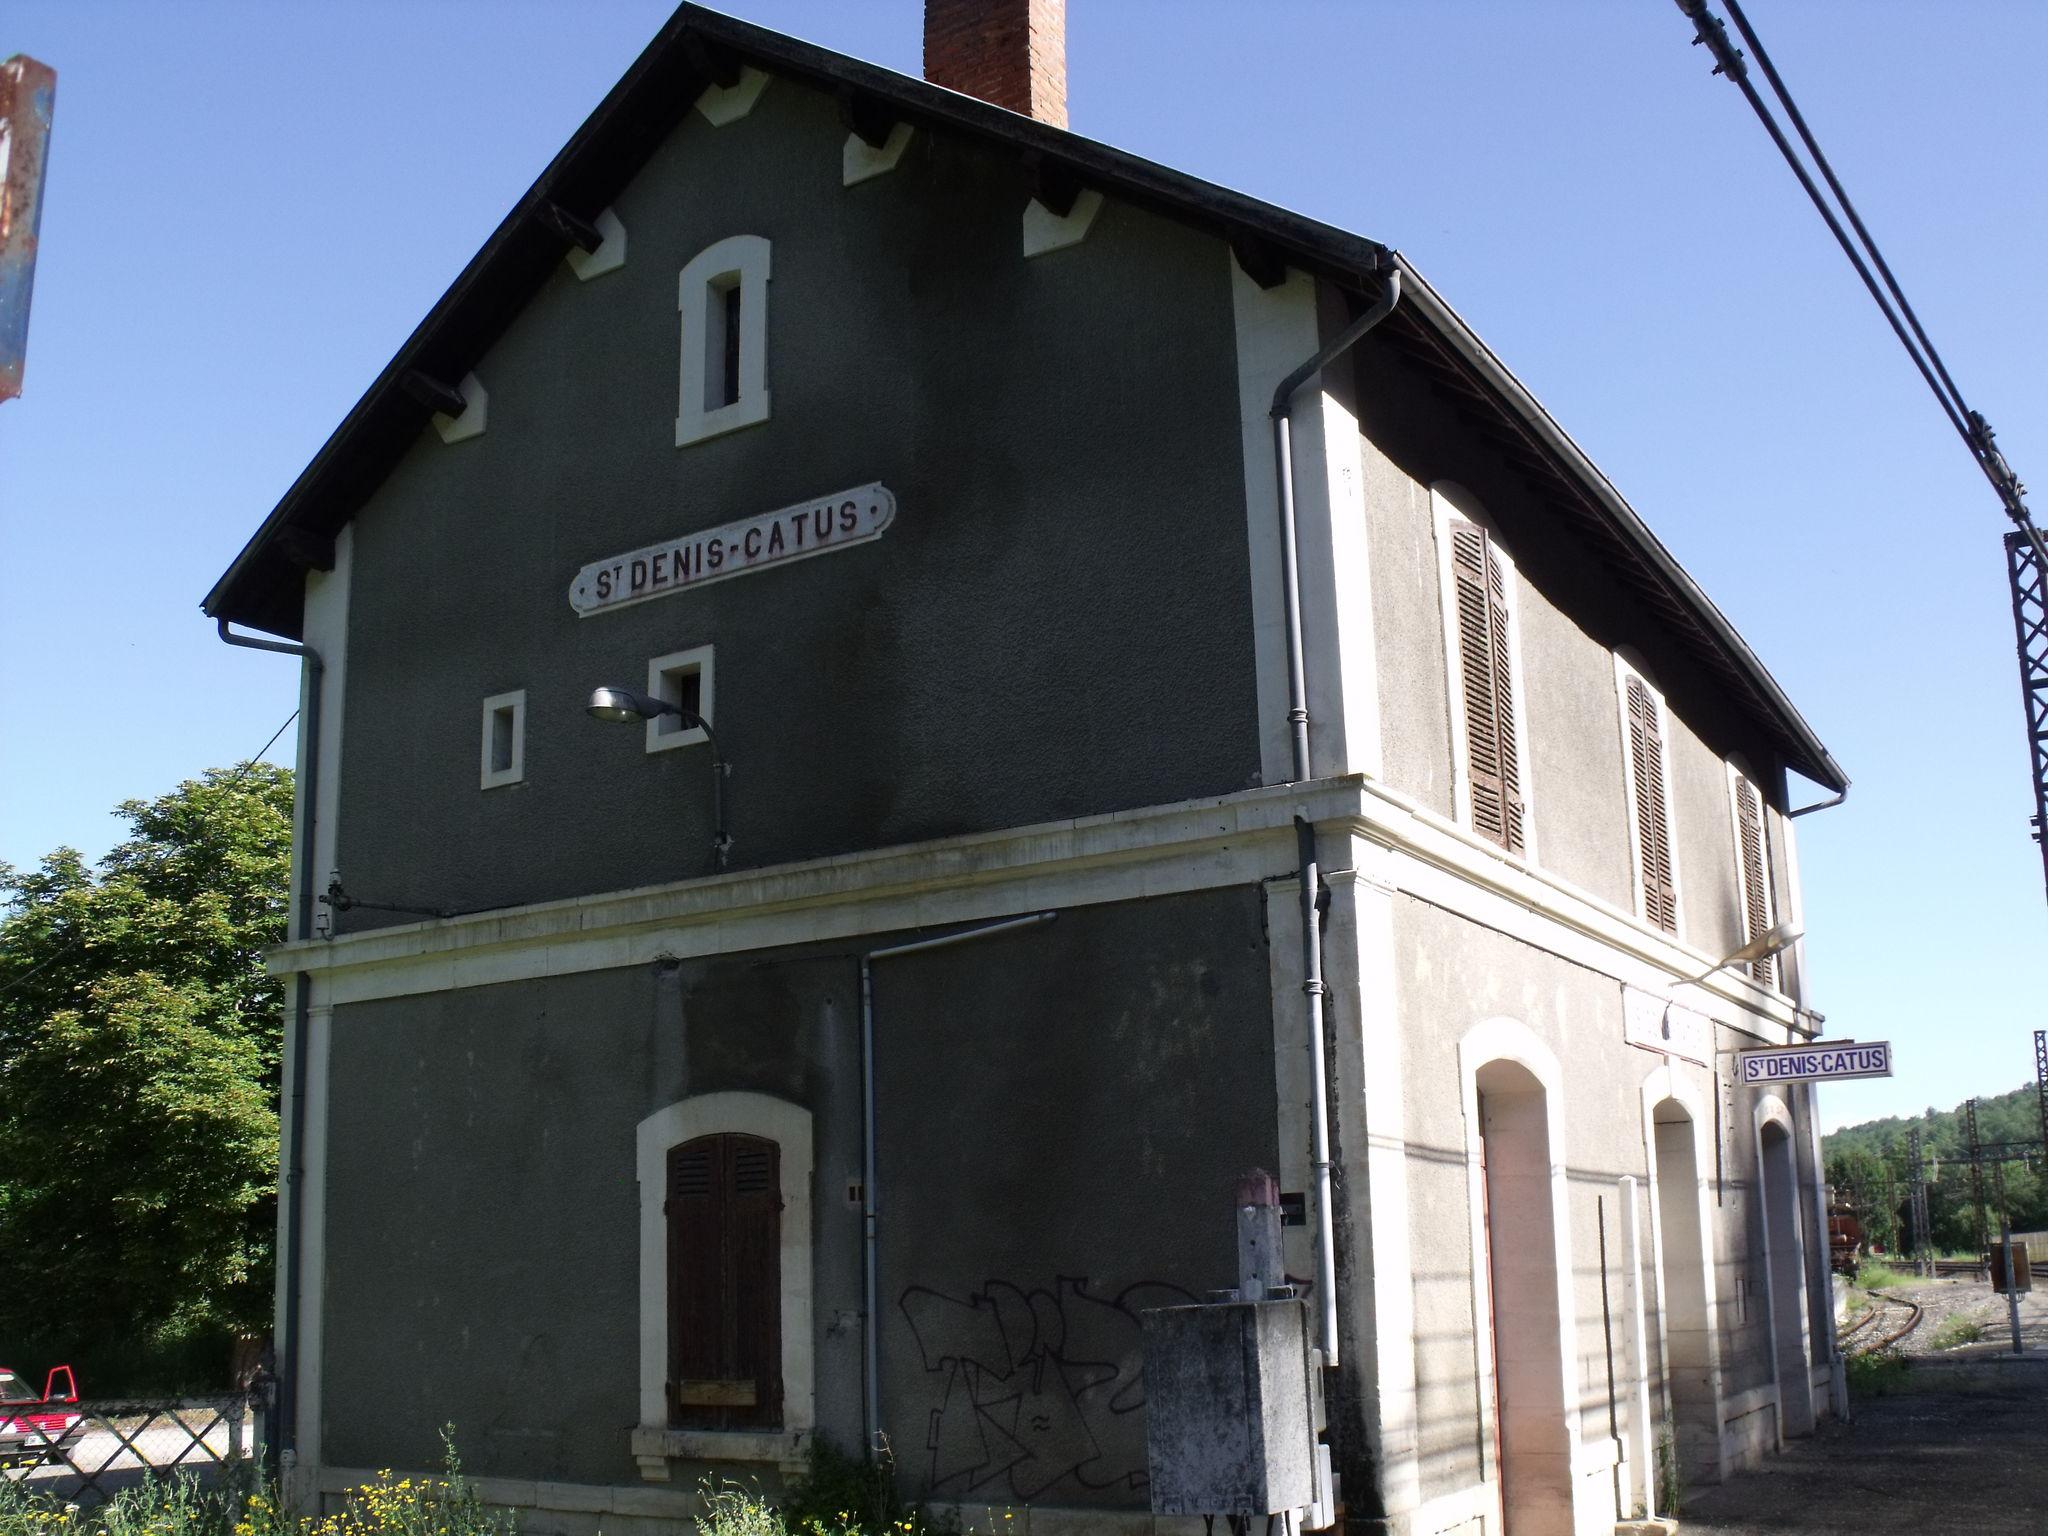 Saint-Denis-Catus (Lot - 46) quai